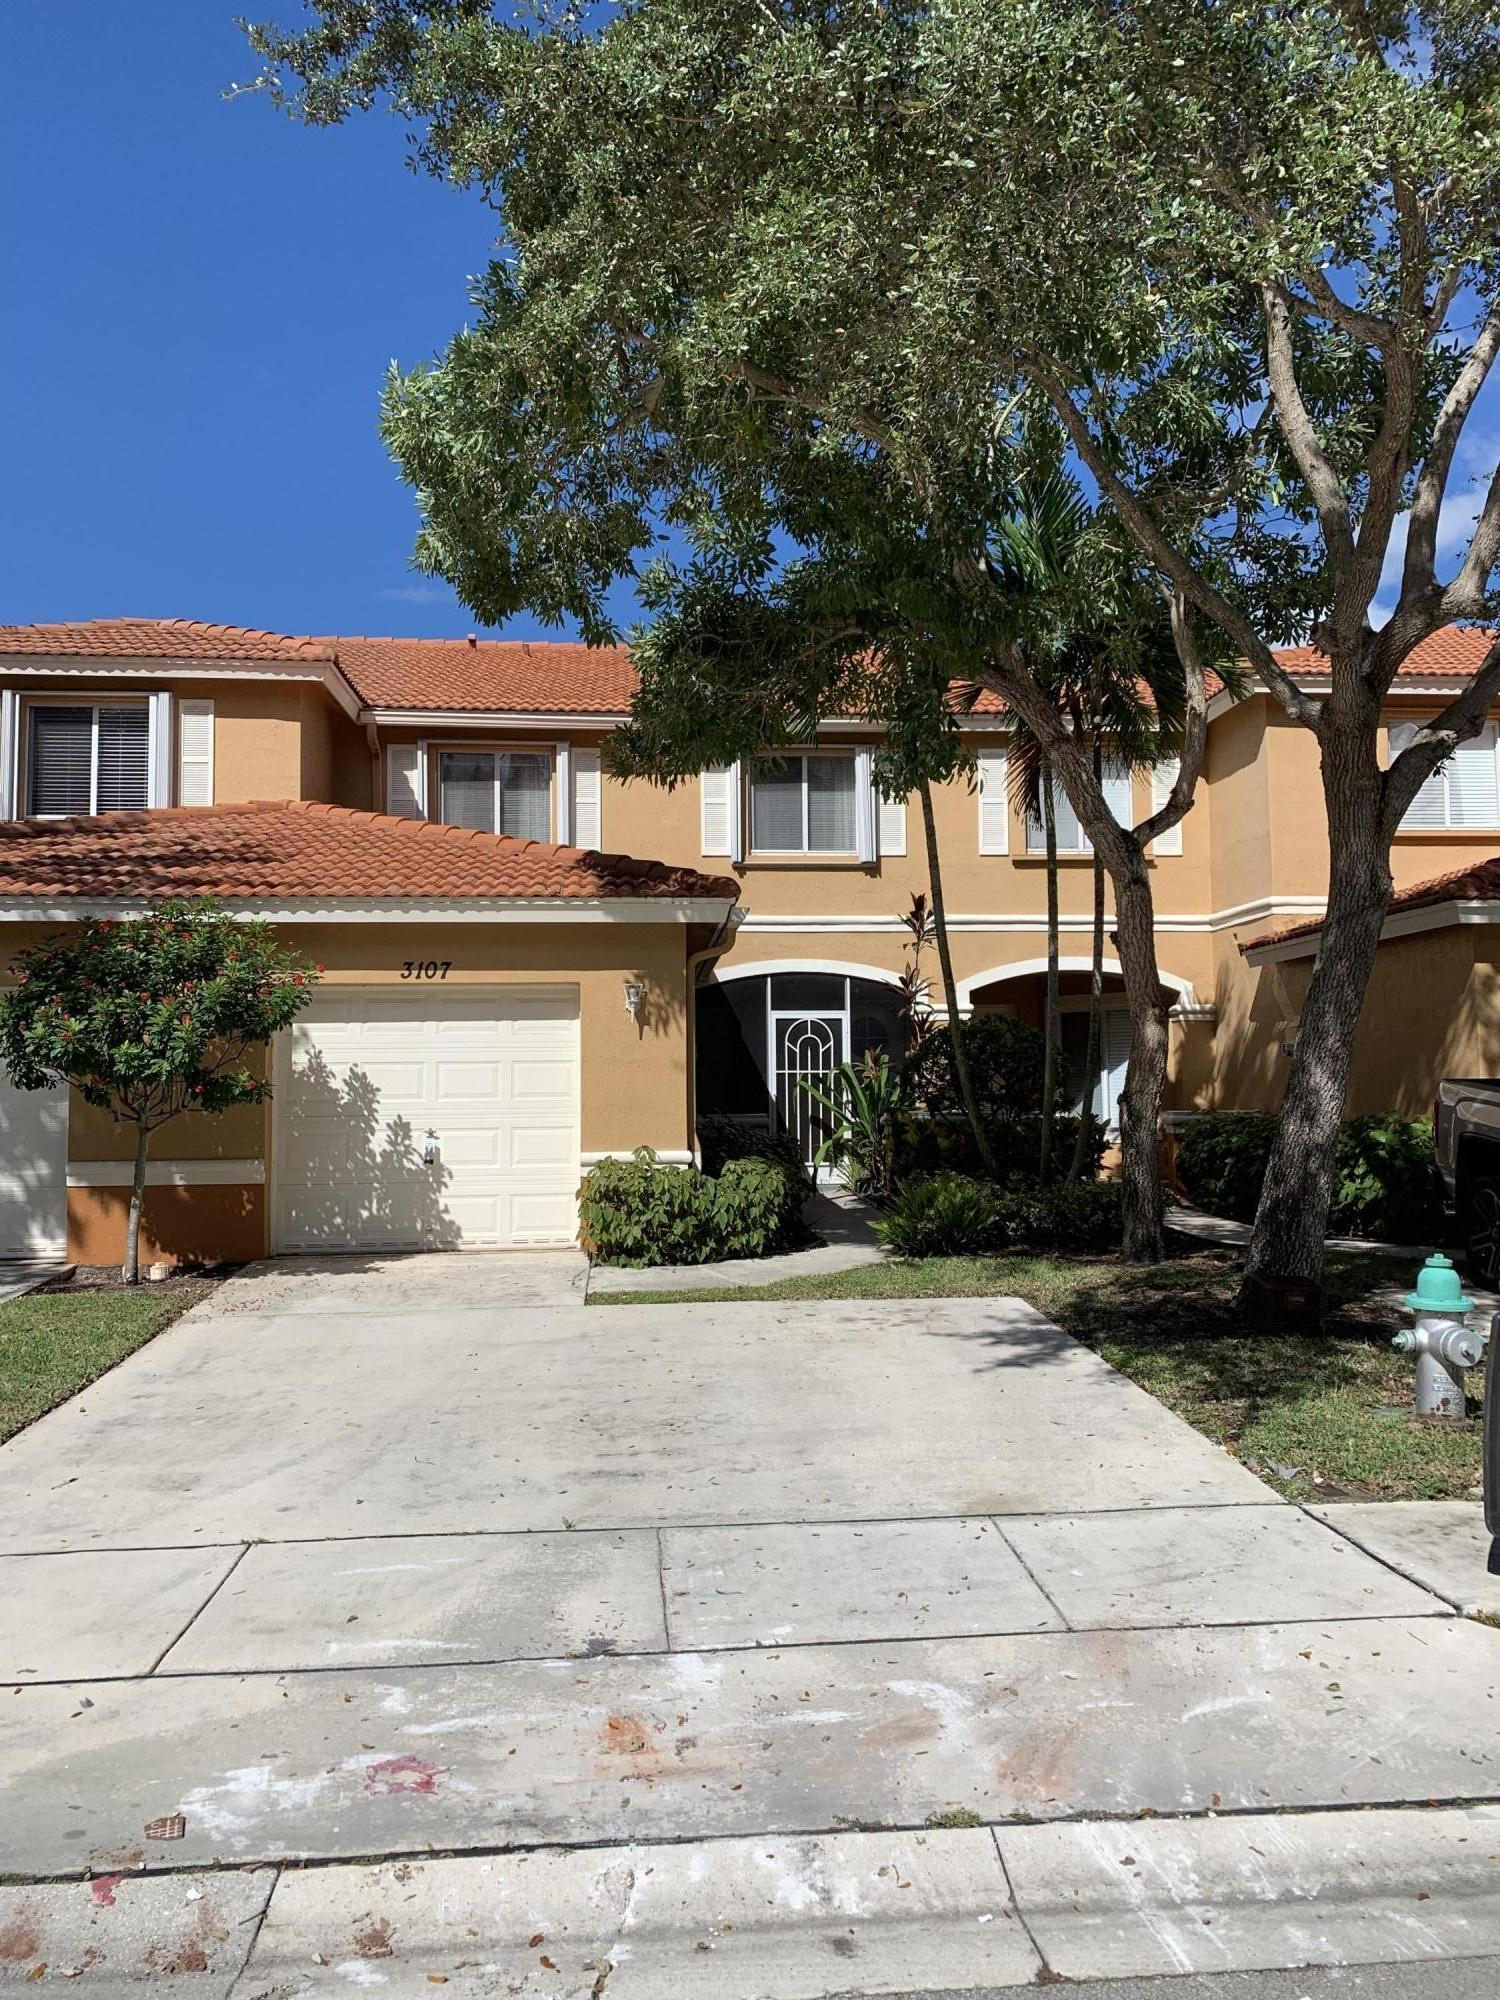 3107 Waddell Avenue West Palm Beach, FL 33411